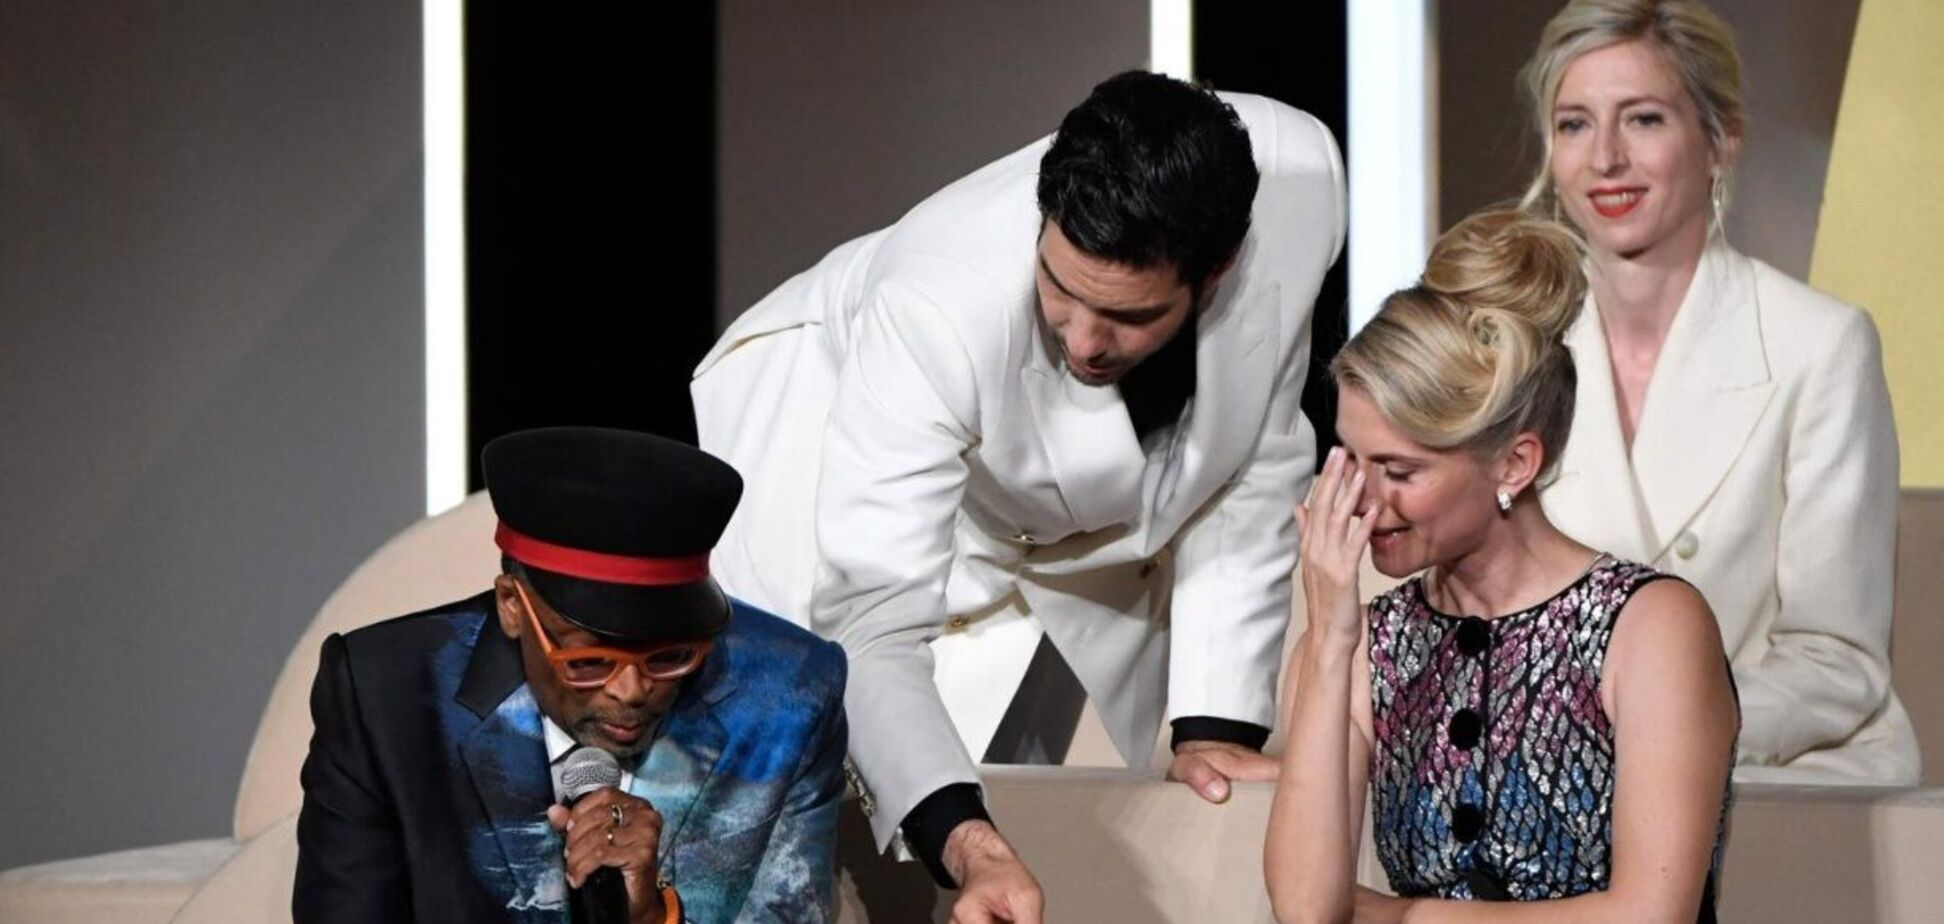 Глава жюри Каннского фестиваля оконфузился во время оглашения победителей. Видео